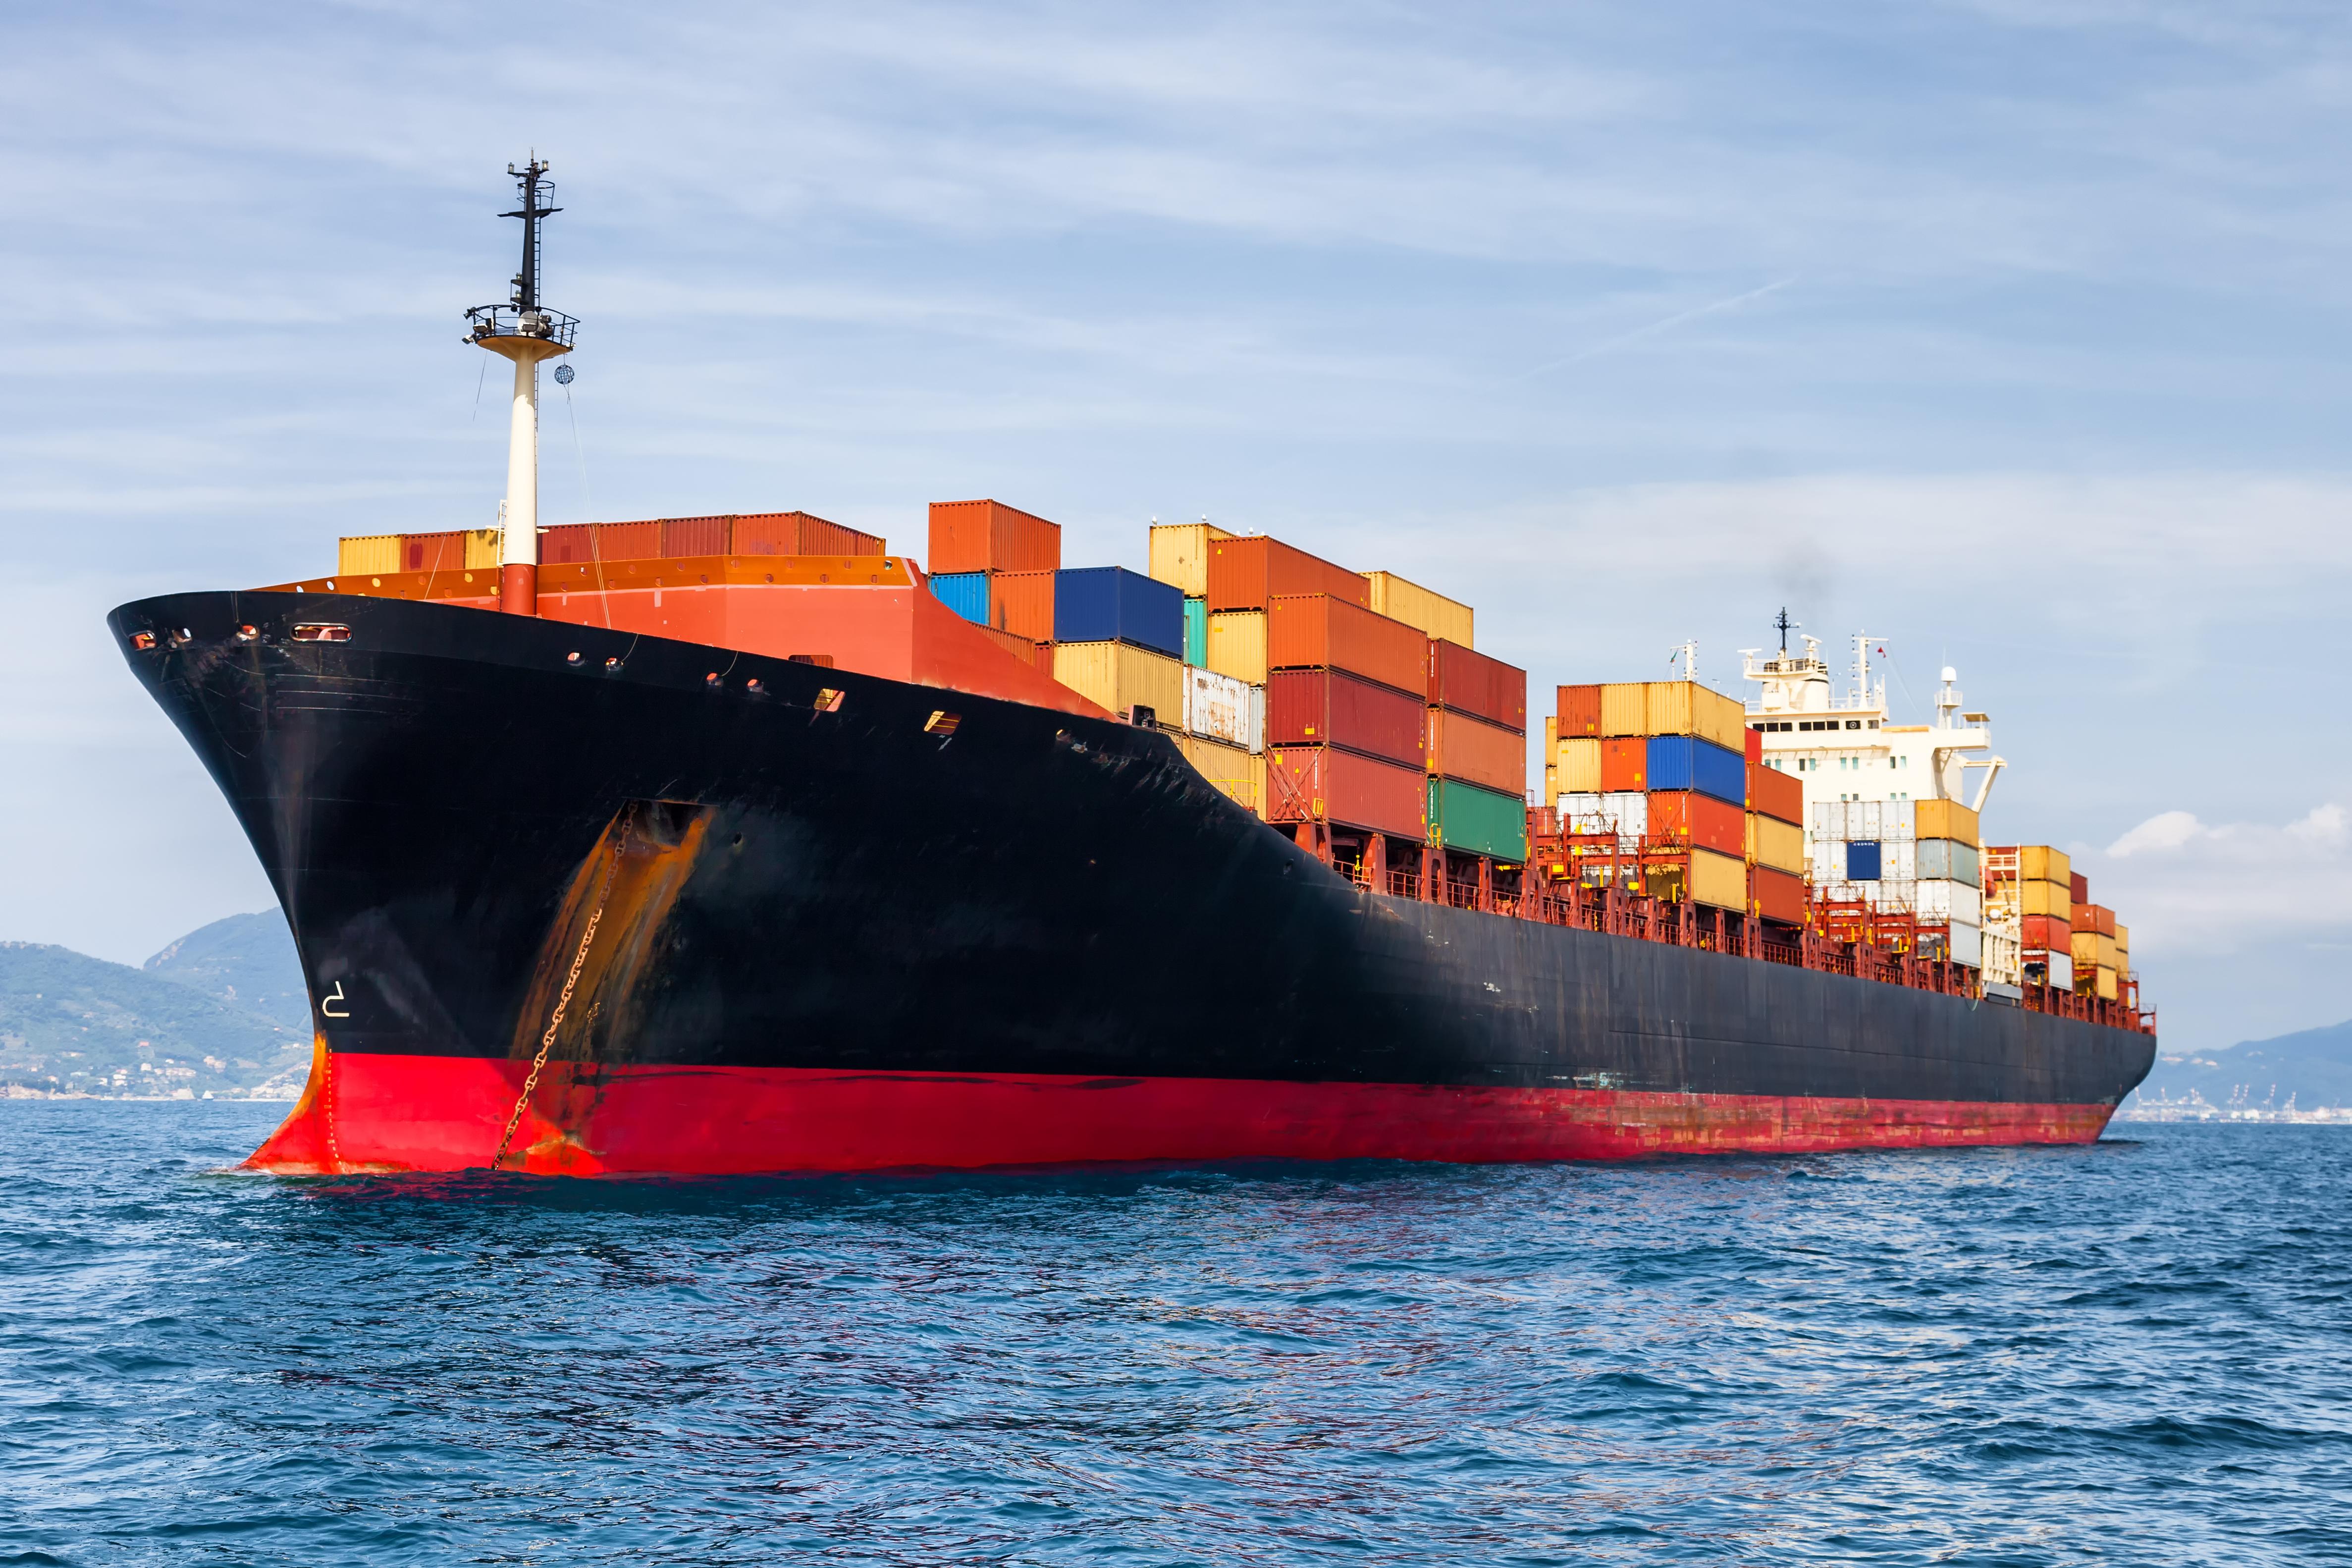 A seafaring cargo ship.